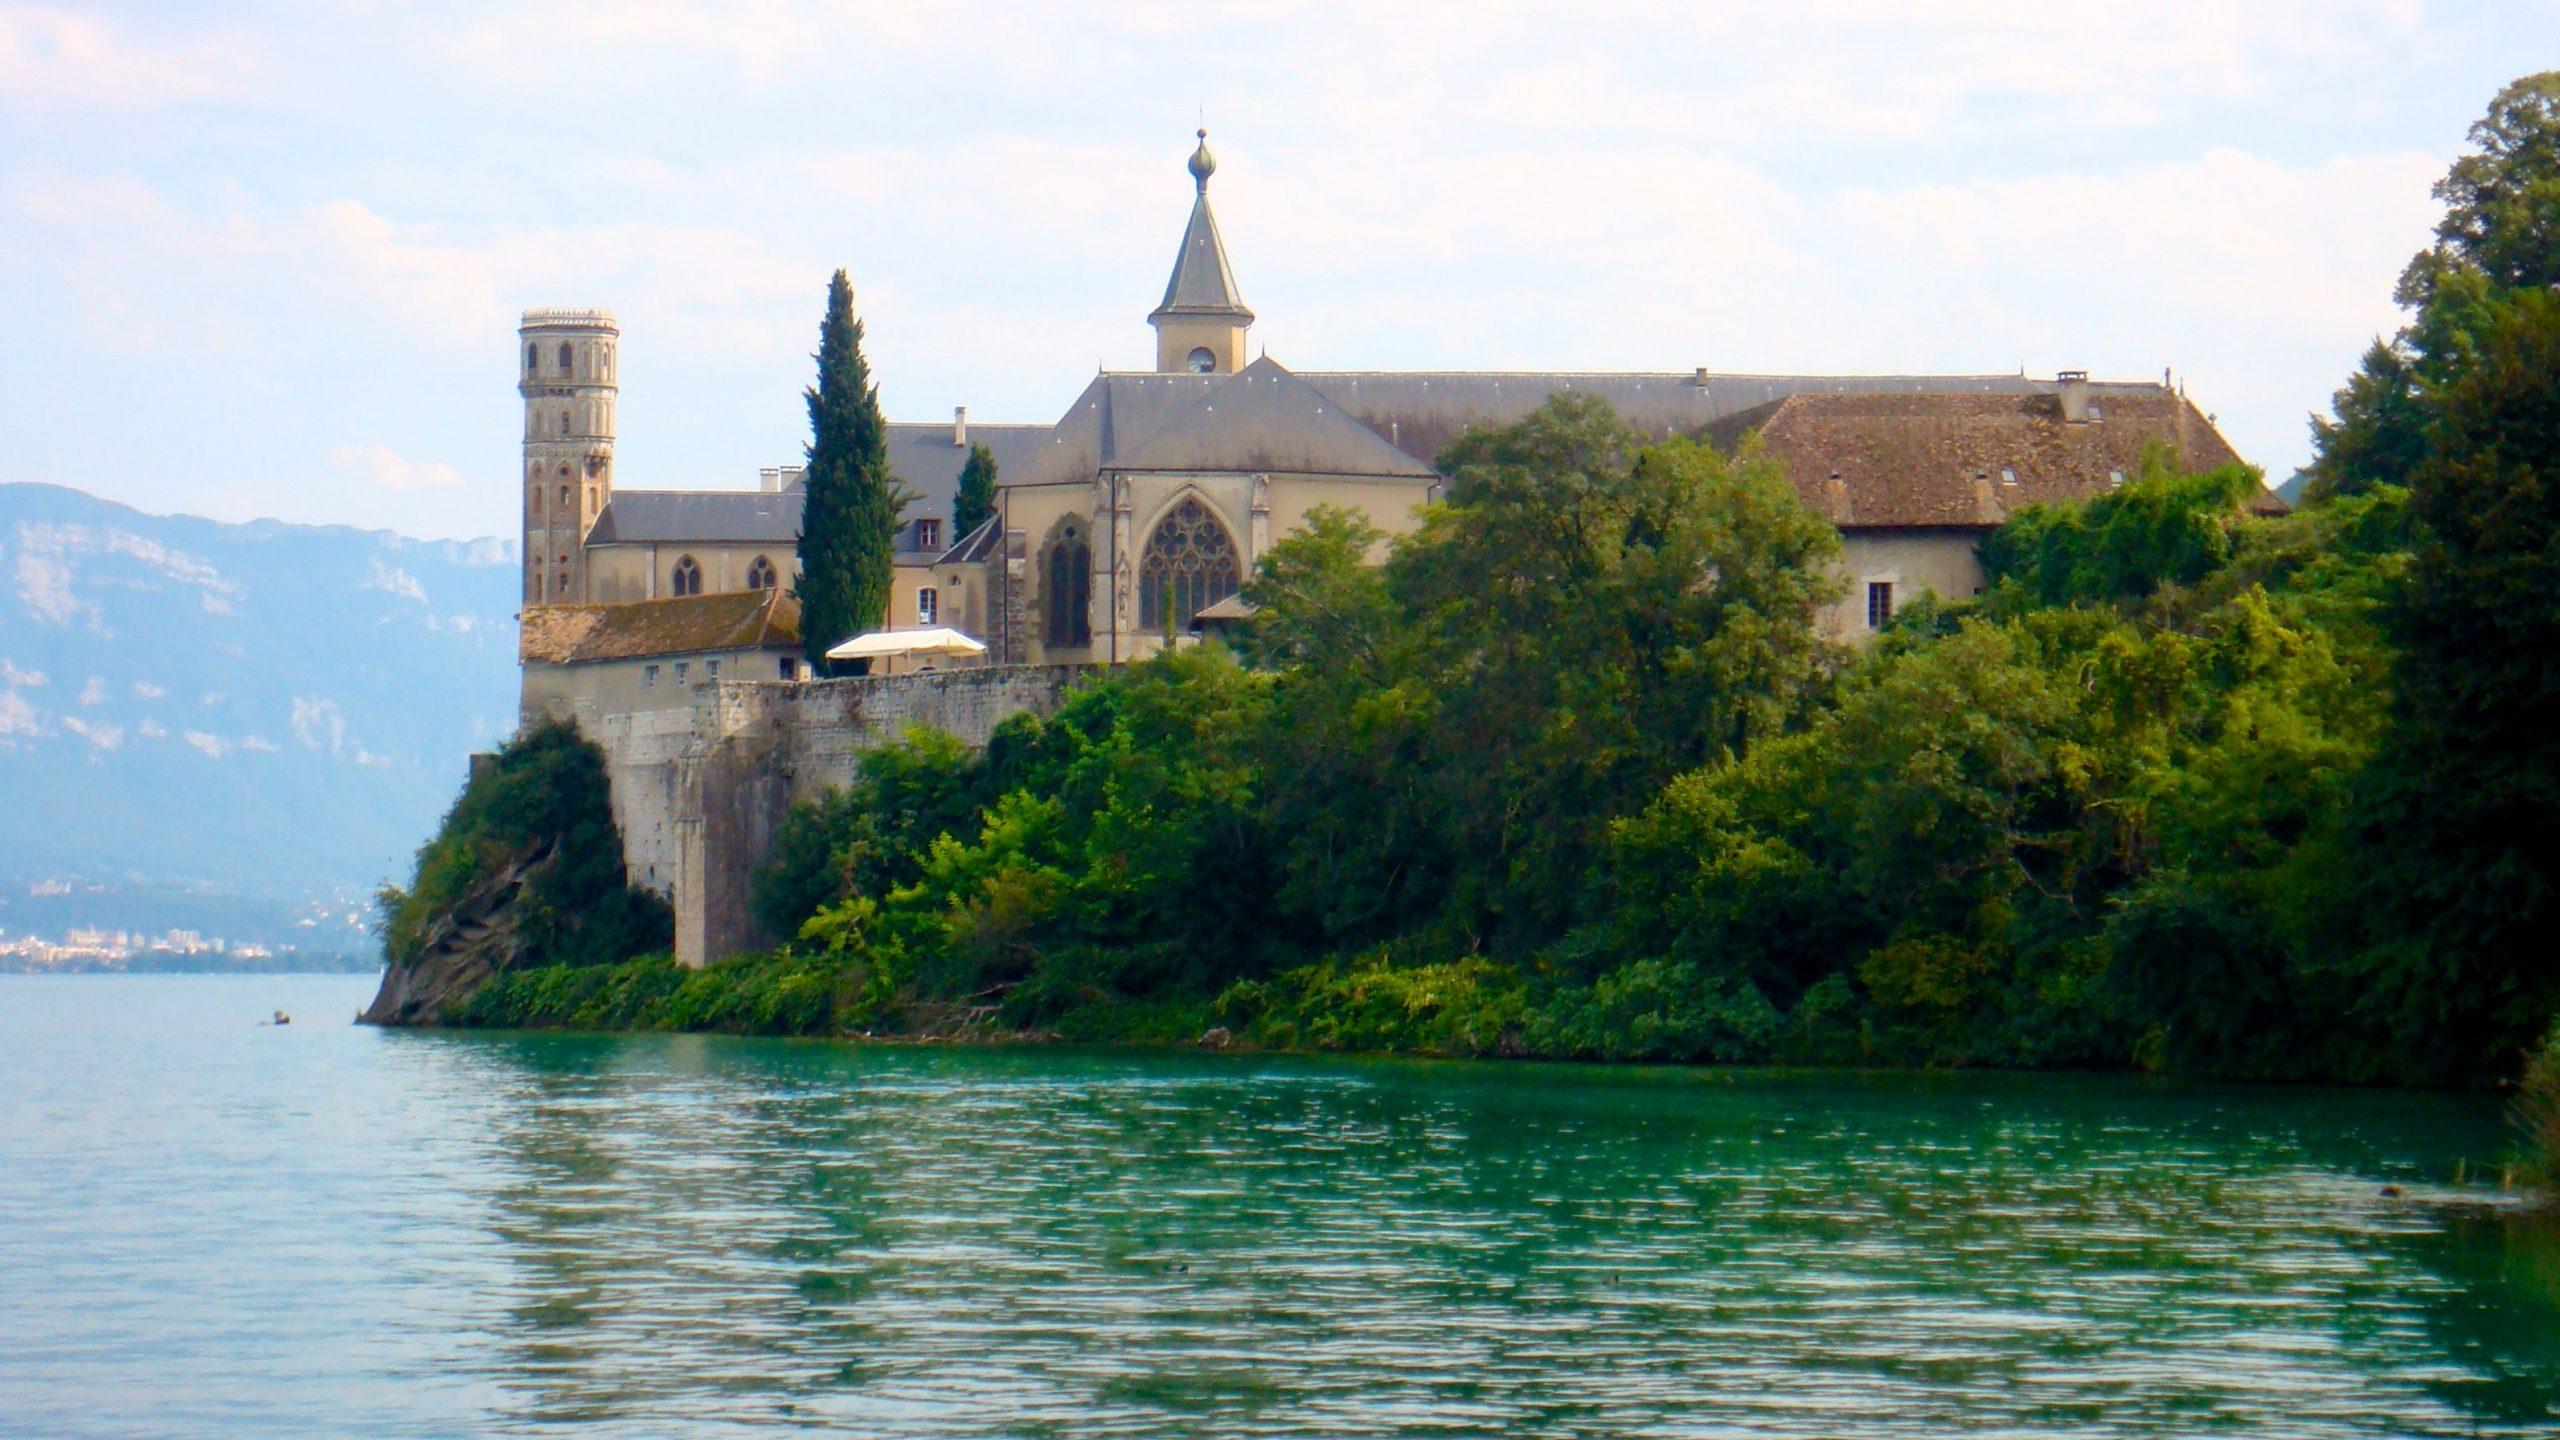 Photo de l'abbaye royale d'Hautecombe sur le lac du Bourget